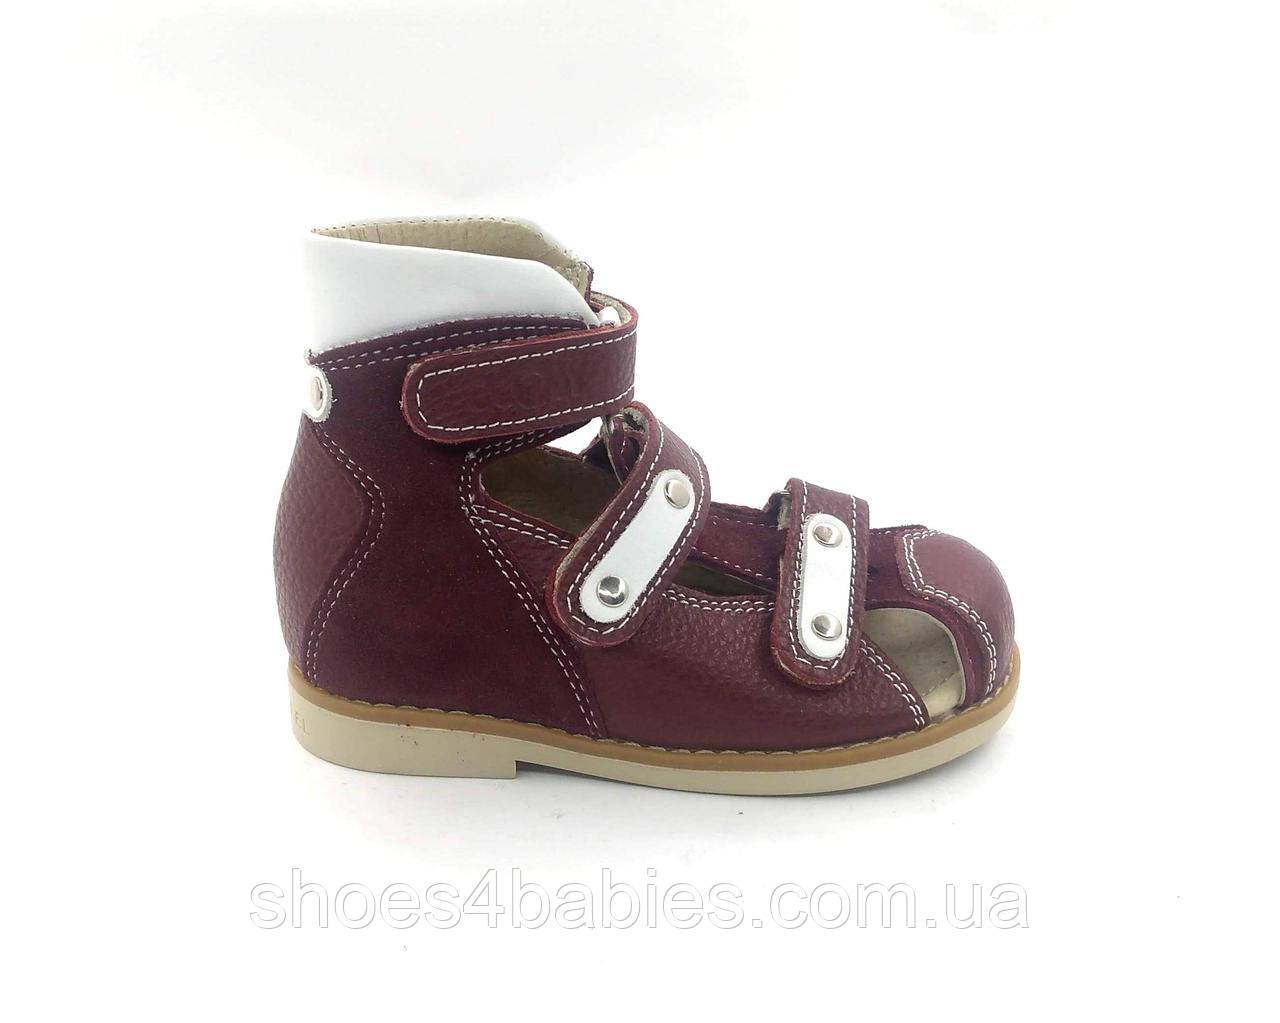 Босоножки ортопедические для девочки с закрытым носком р.24 - 16см модель 006RV